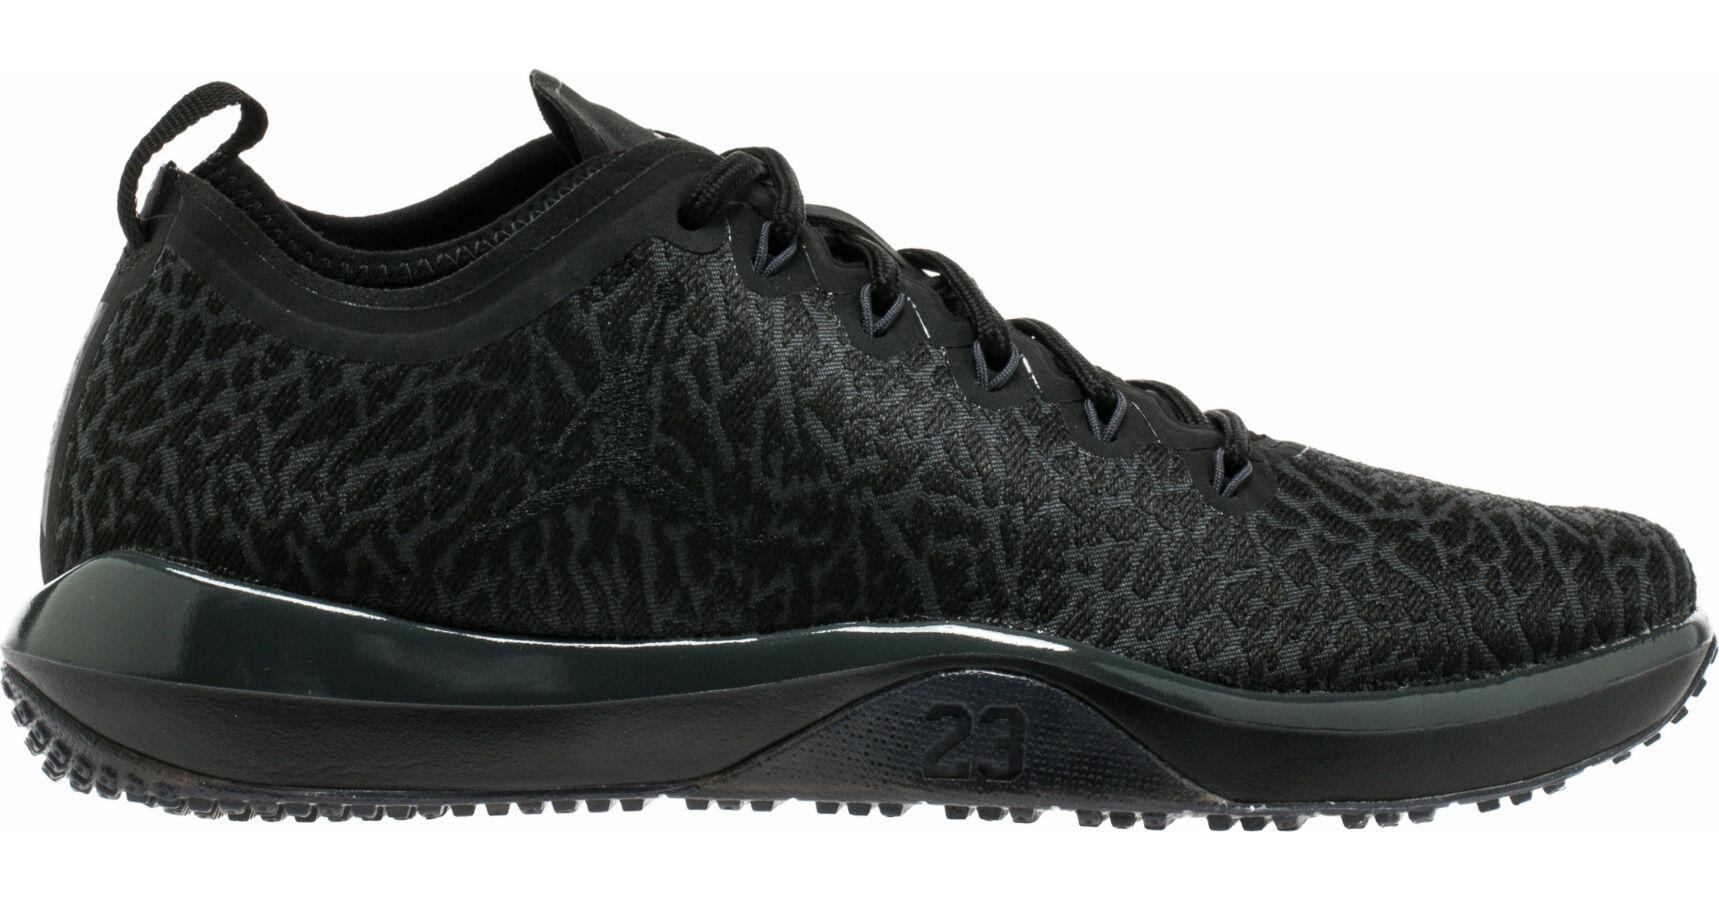 Nike Utcai Cipő Mérettáblázat Air Jordan Future Női Utcai